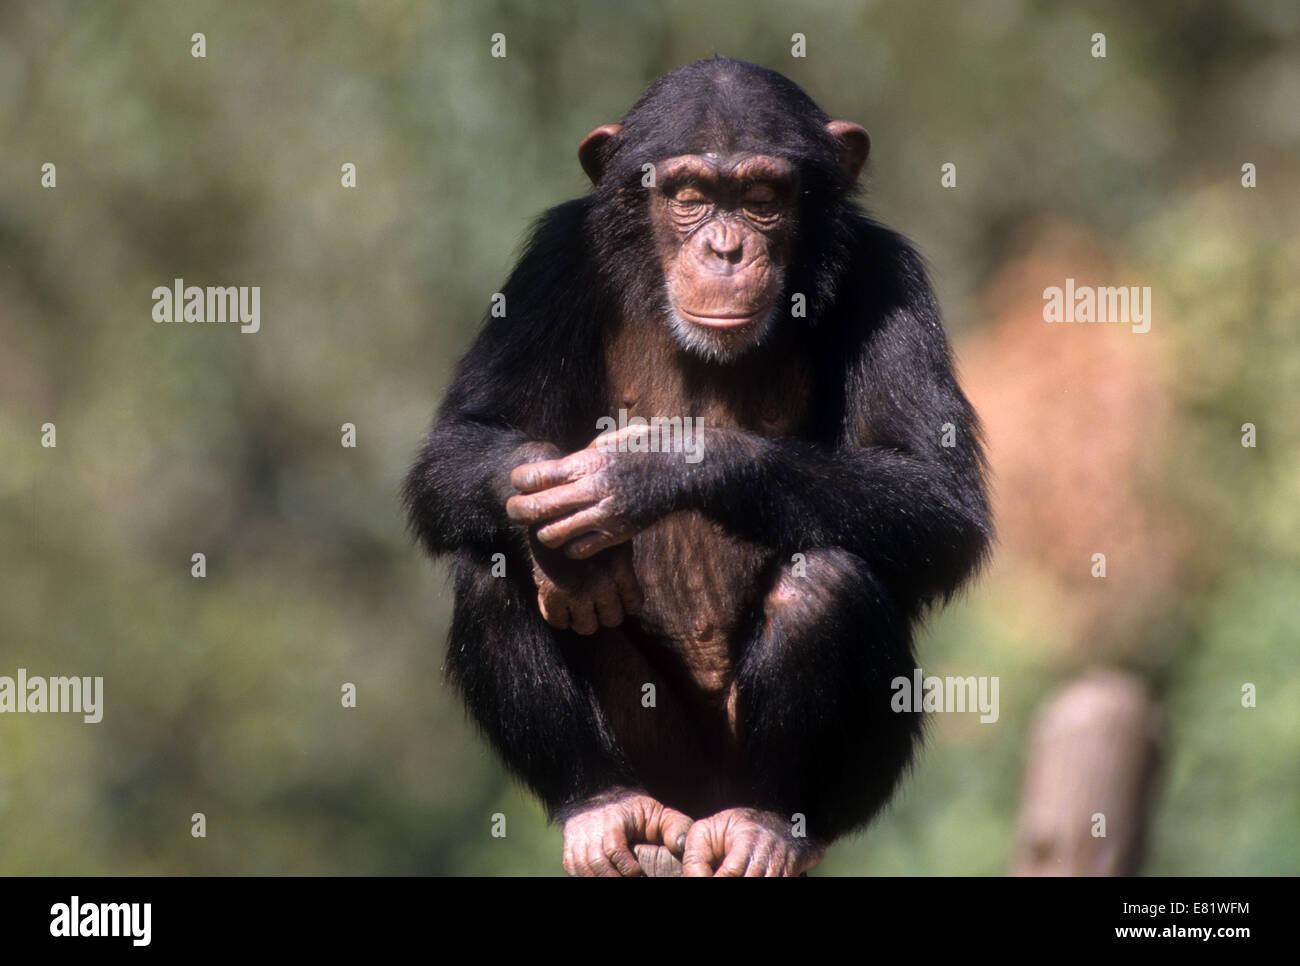 Closeup retrato de un chimpancé (Pan troglodytes) en cautividad en un zoológico Foto de stock